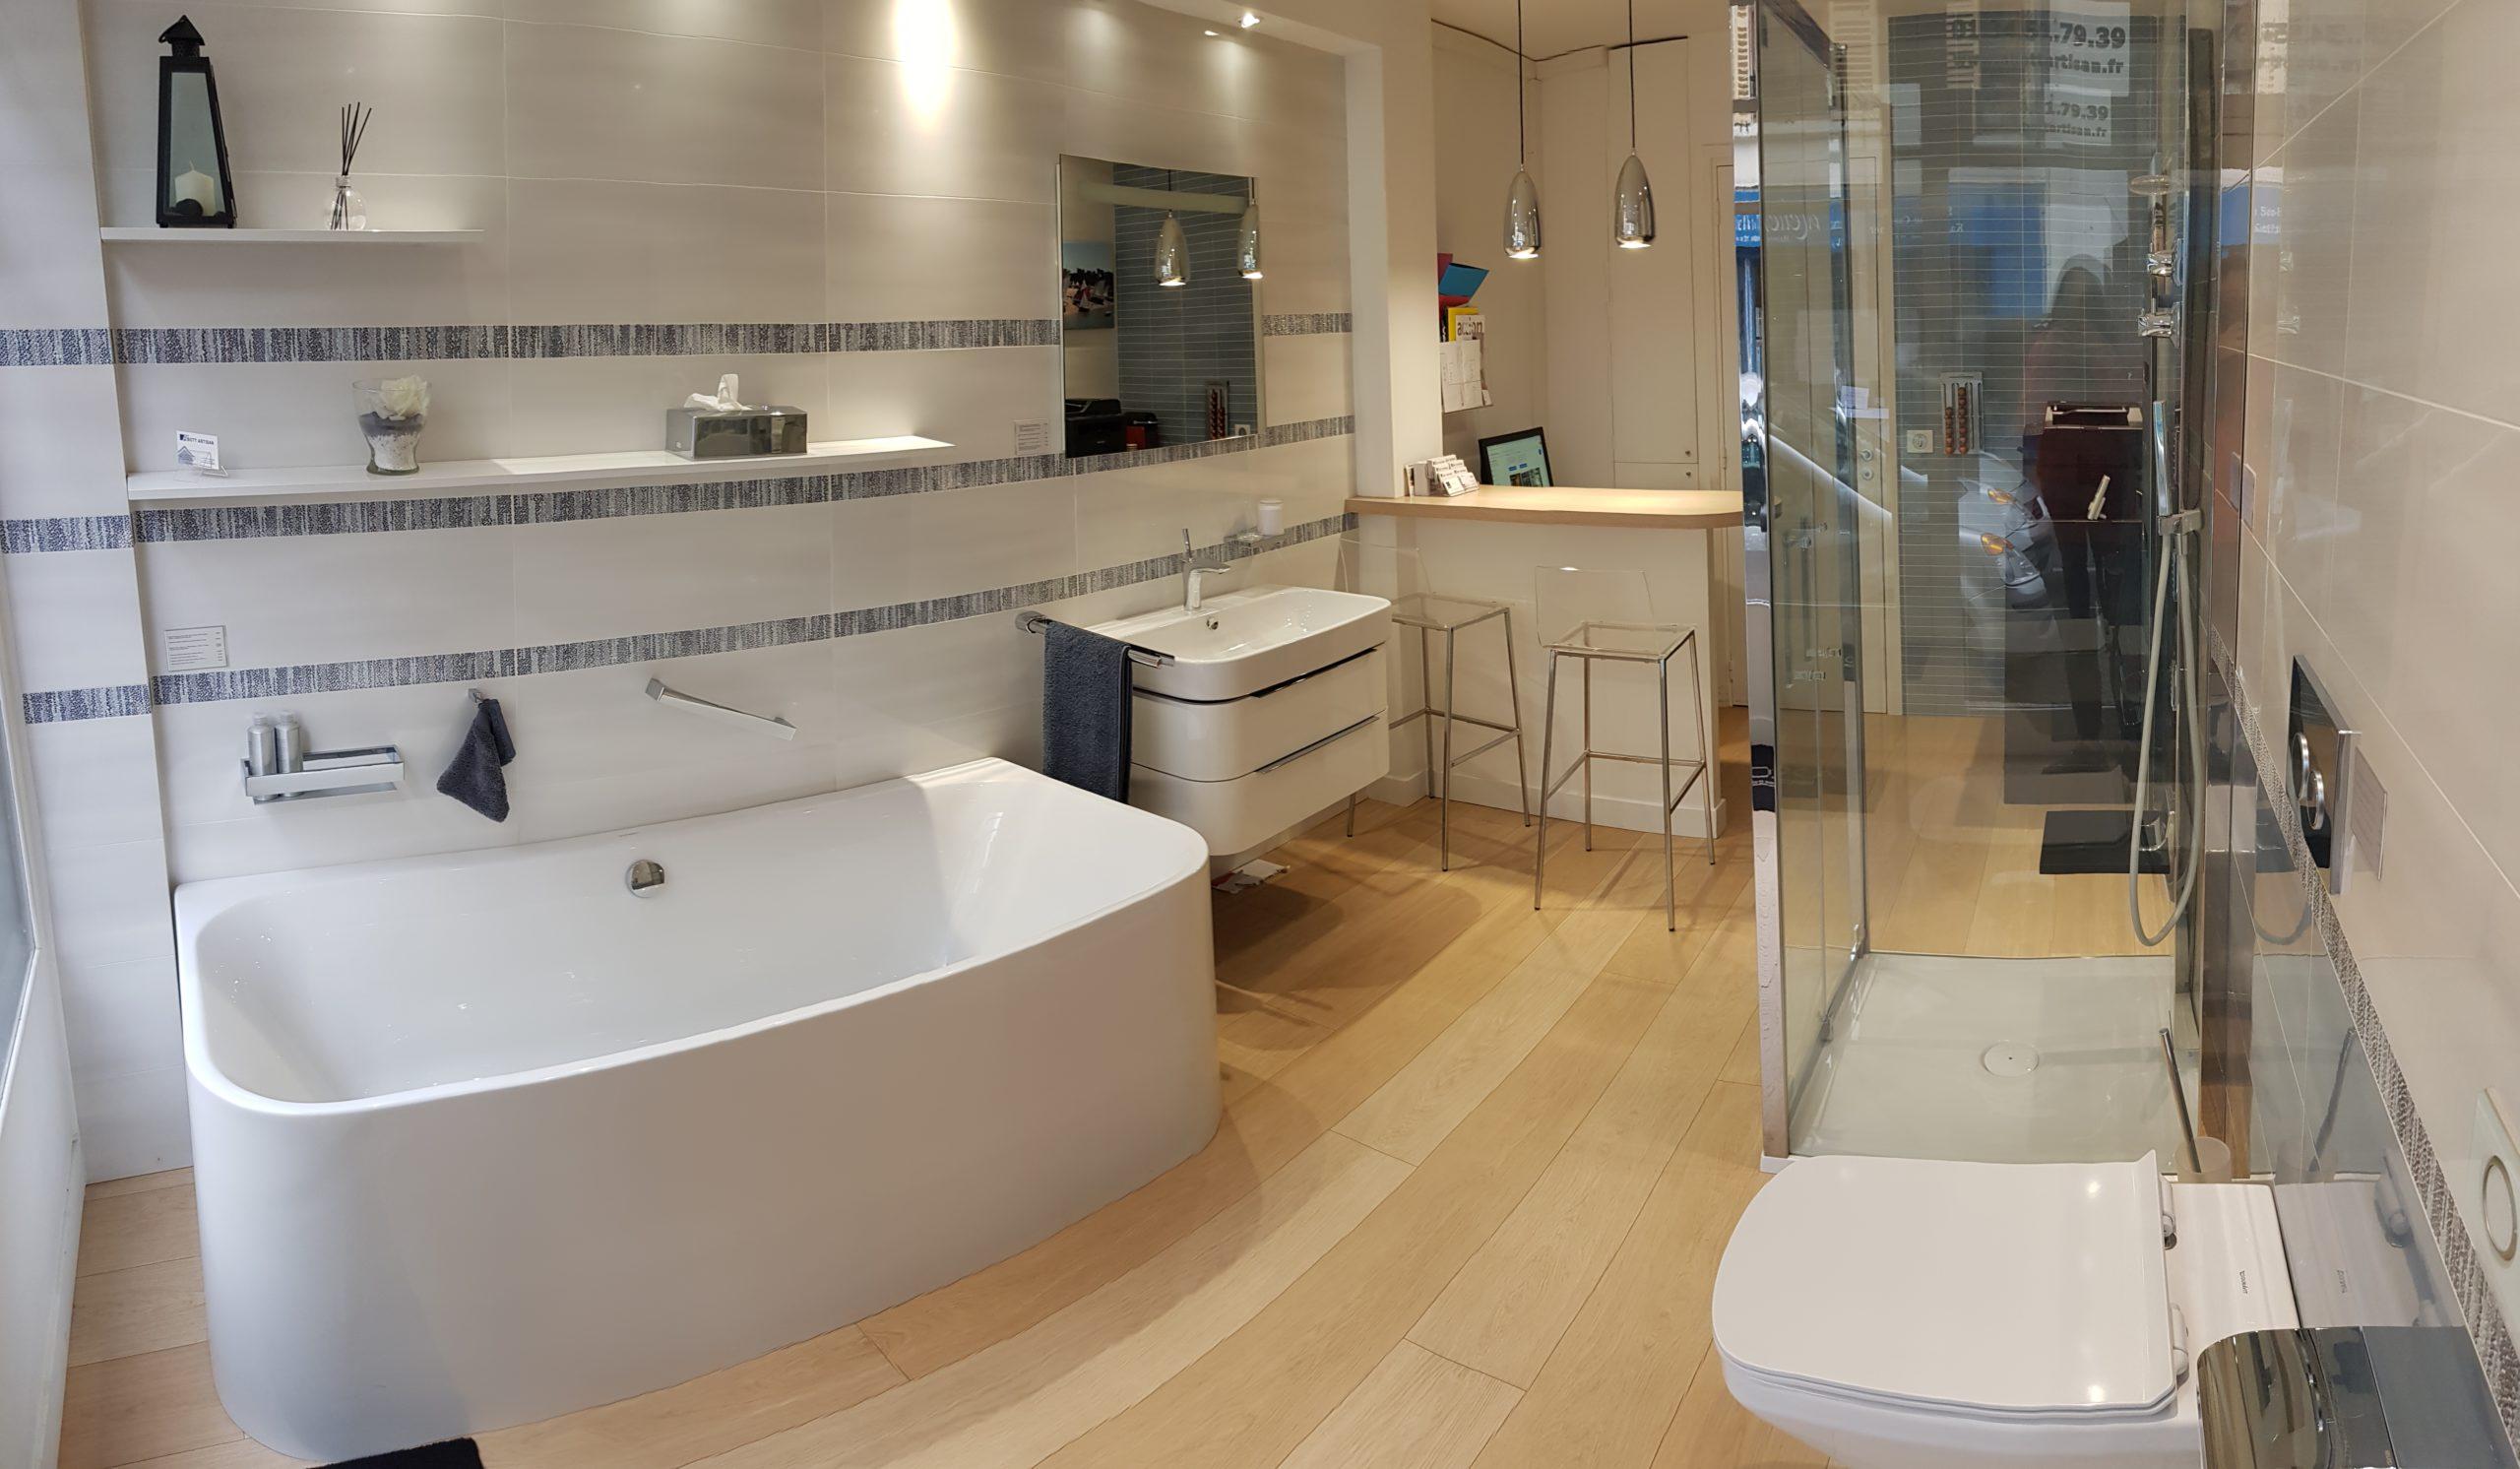 Entreprise-renovation-saint-germain-en-laye